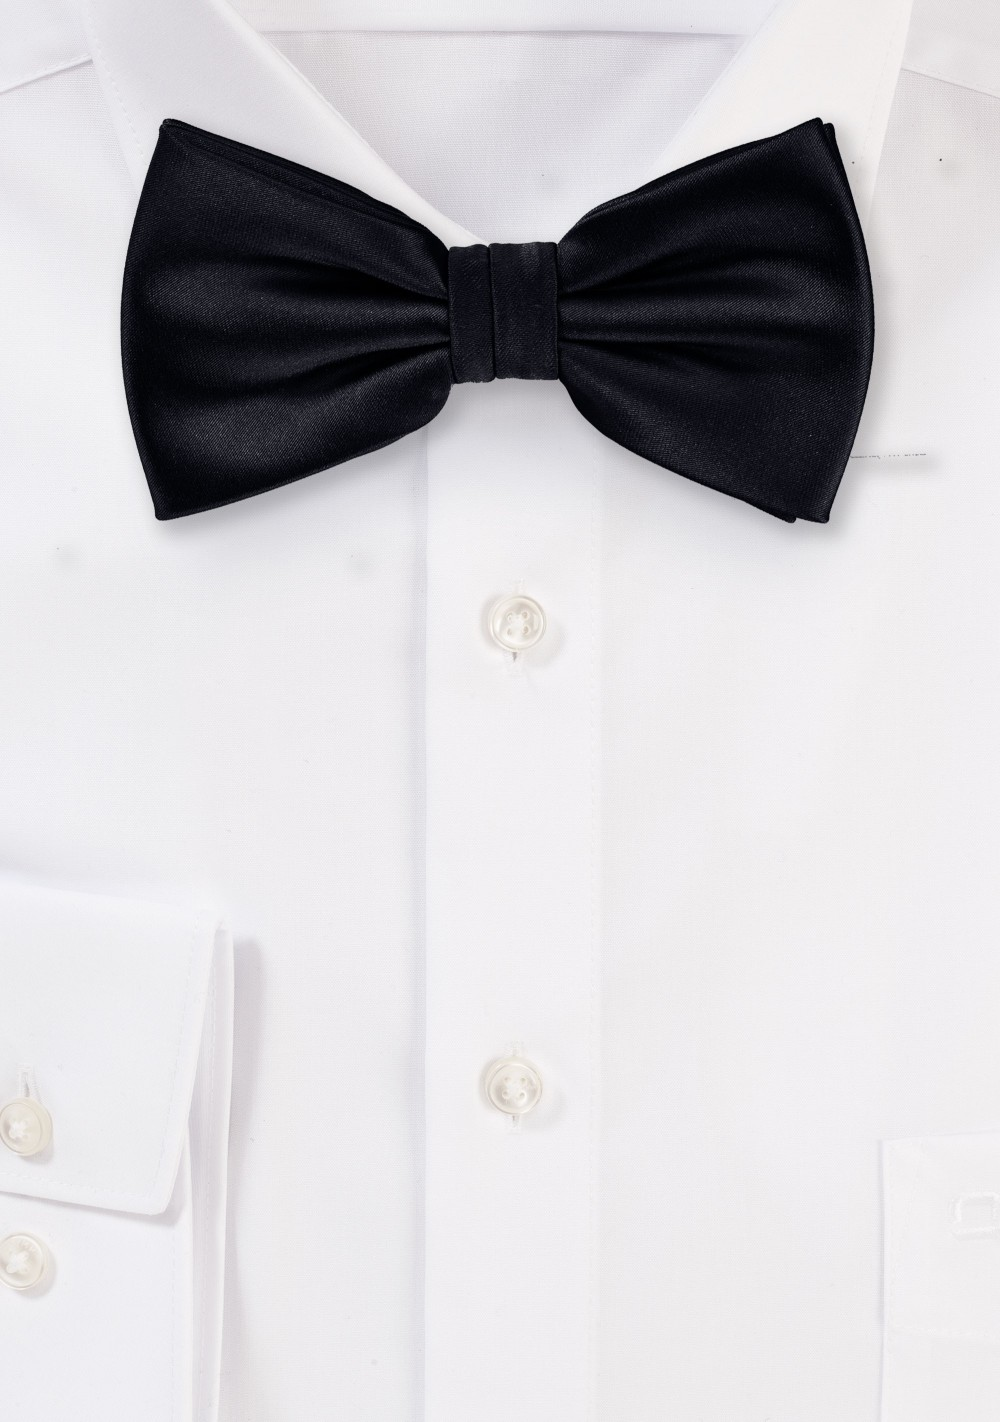 Pre-Tied Black Bow Tie